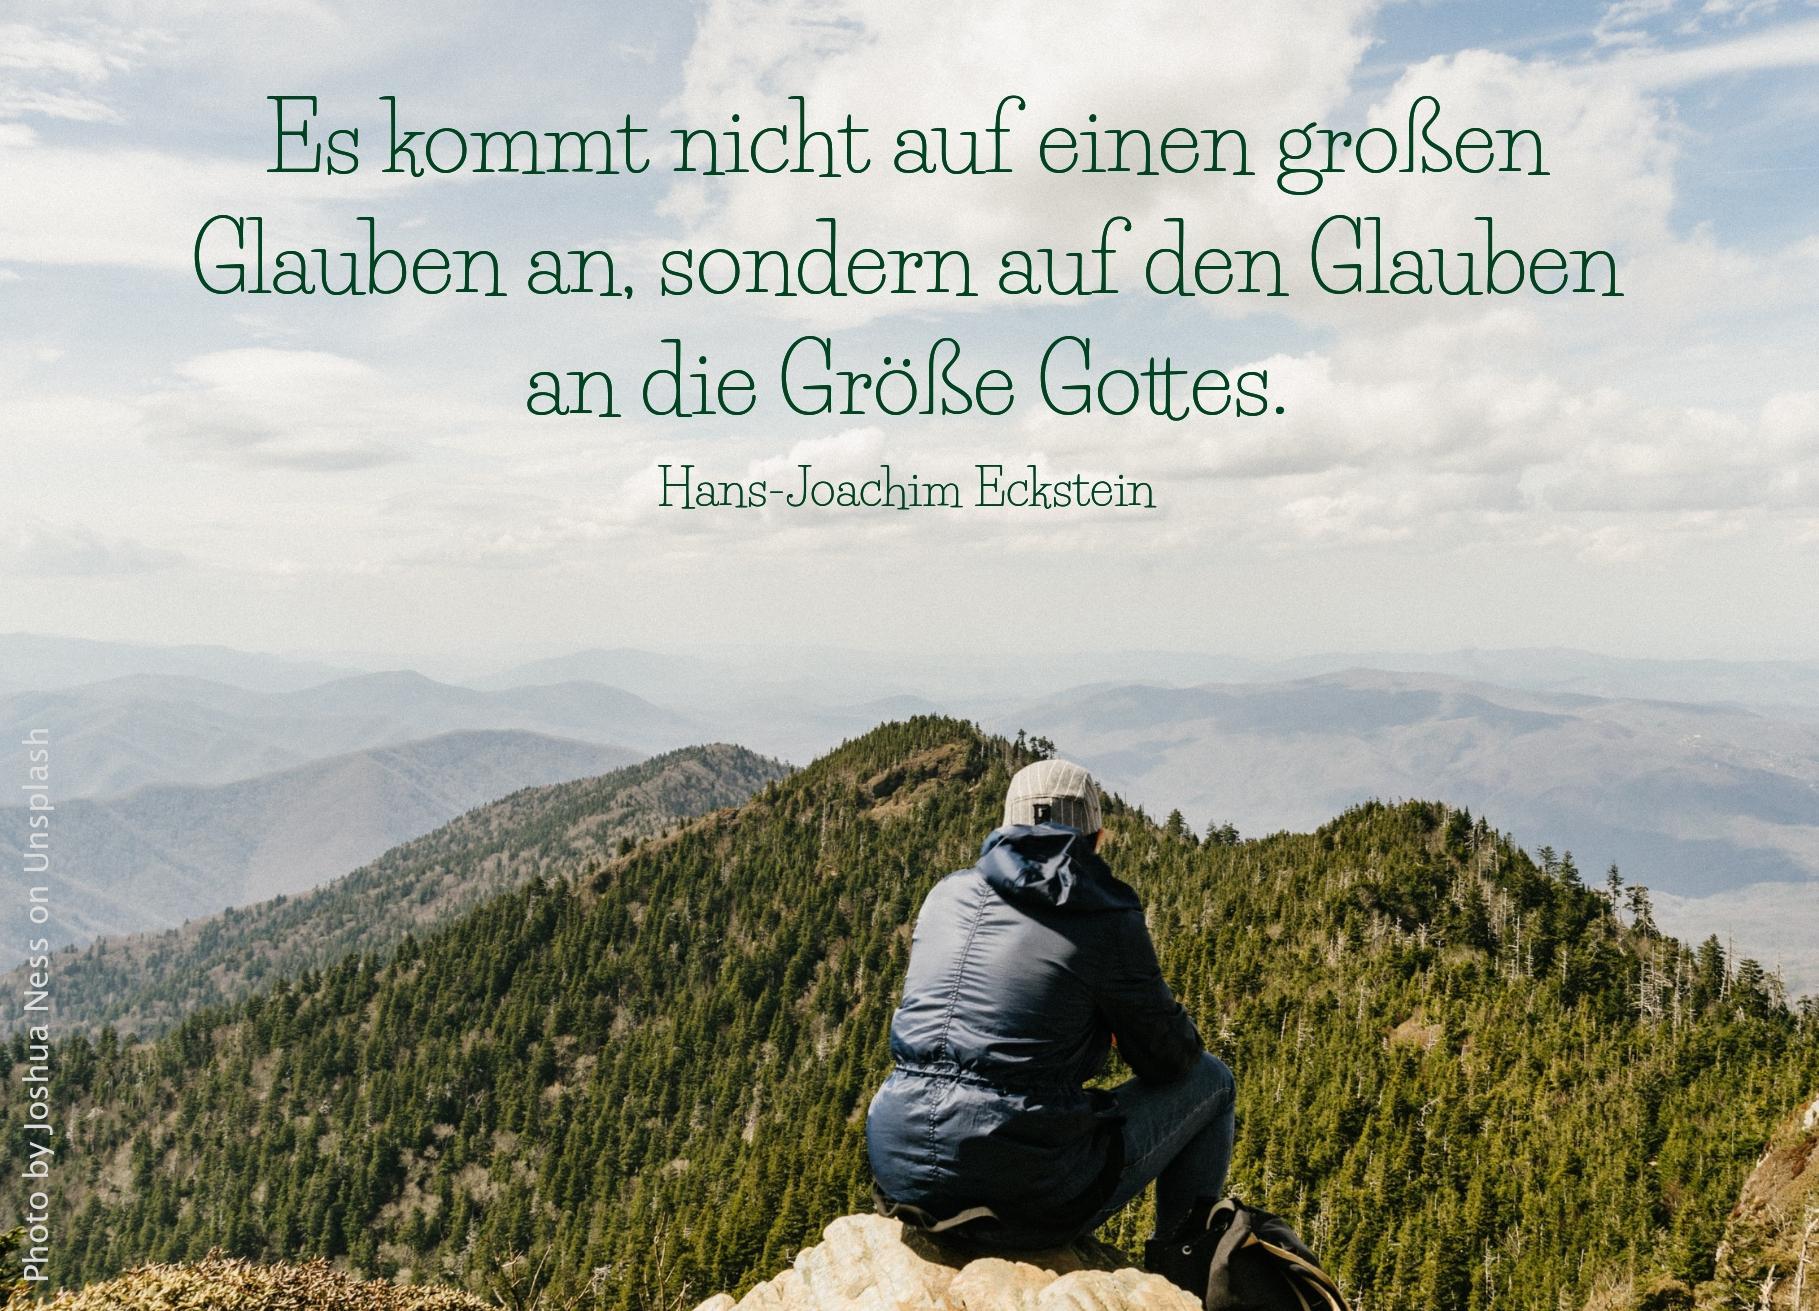 Mann sitzt auf hohem Berggipfel und schaut auf andere Berge